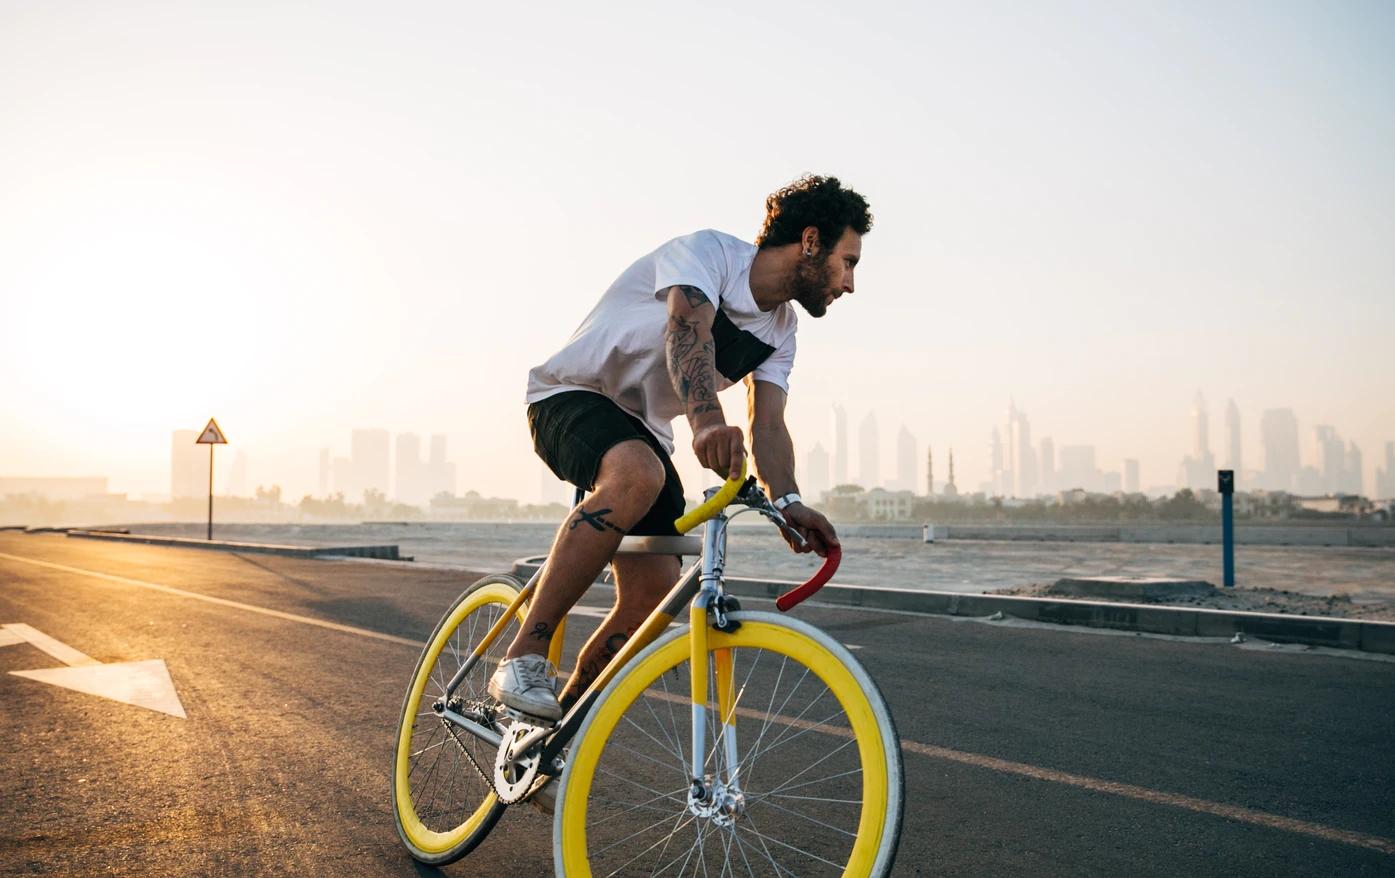 White man riding bicycle on road during daytime